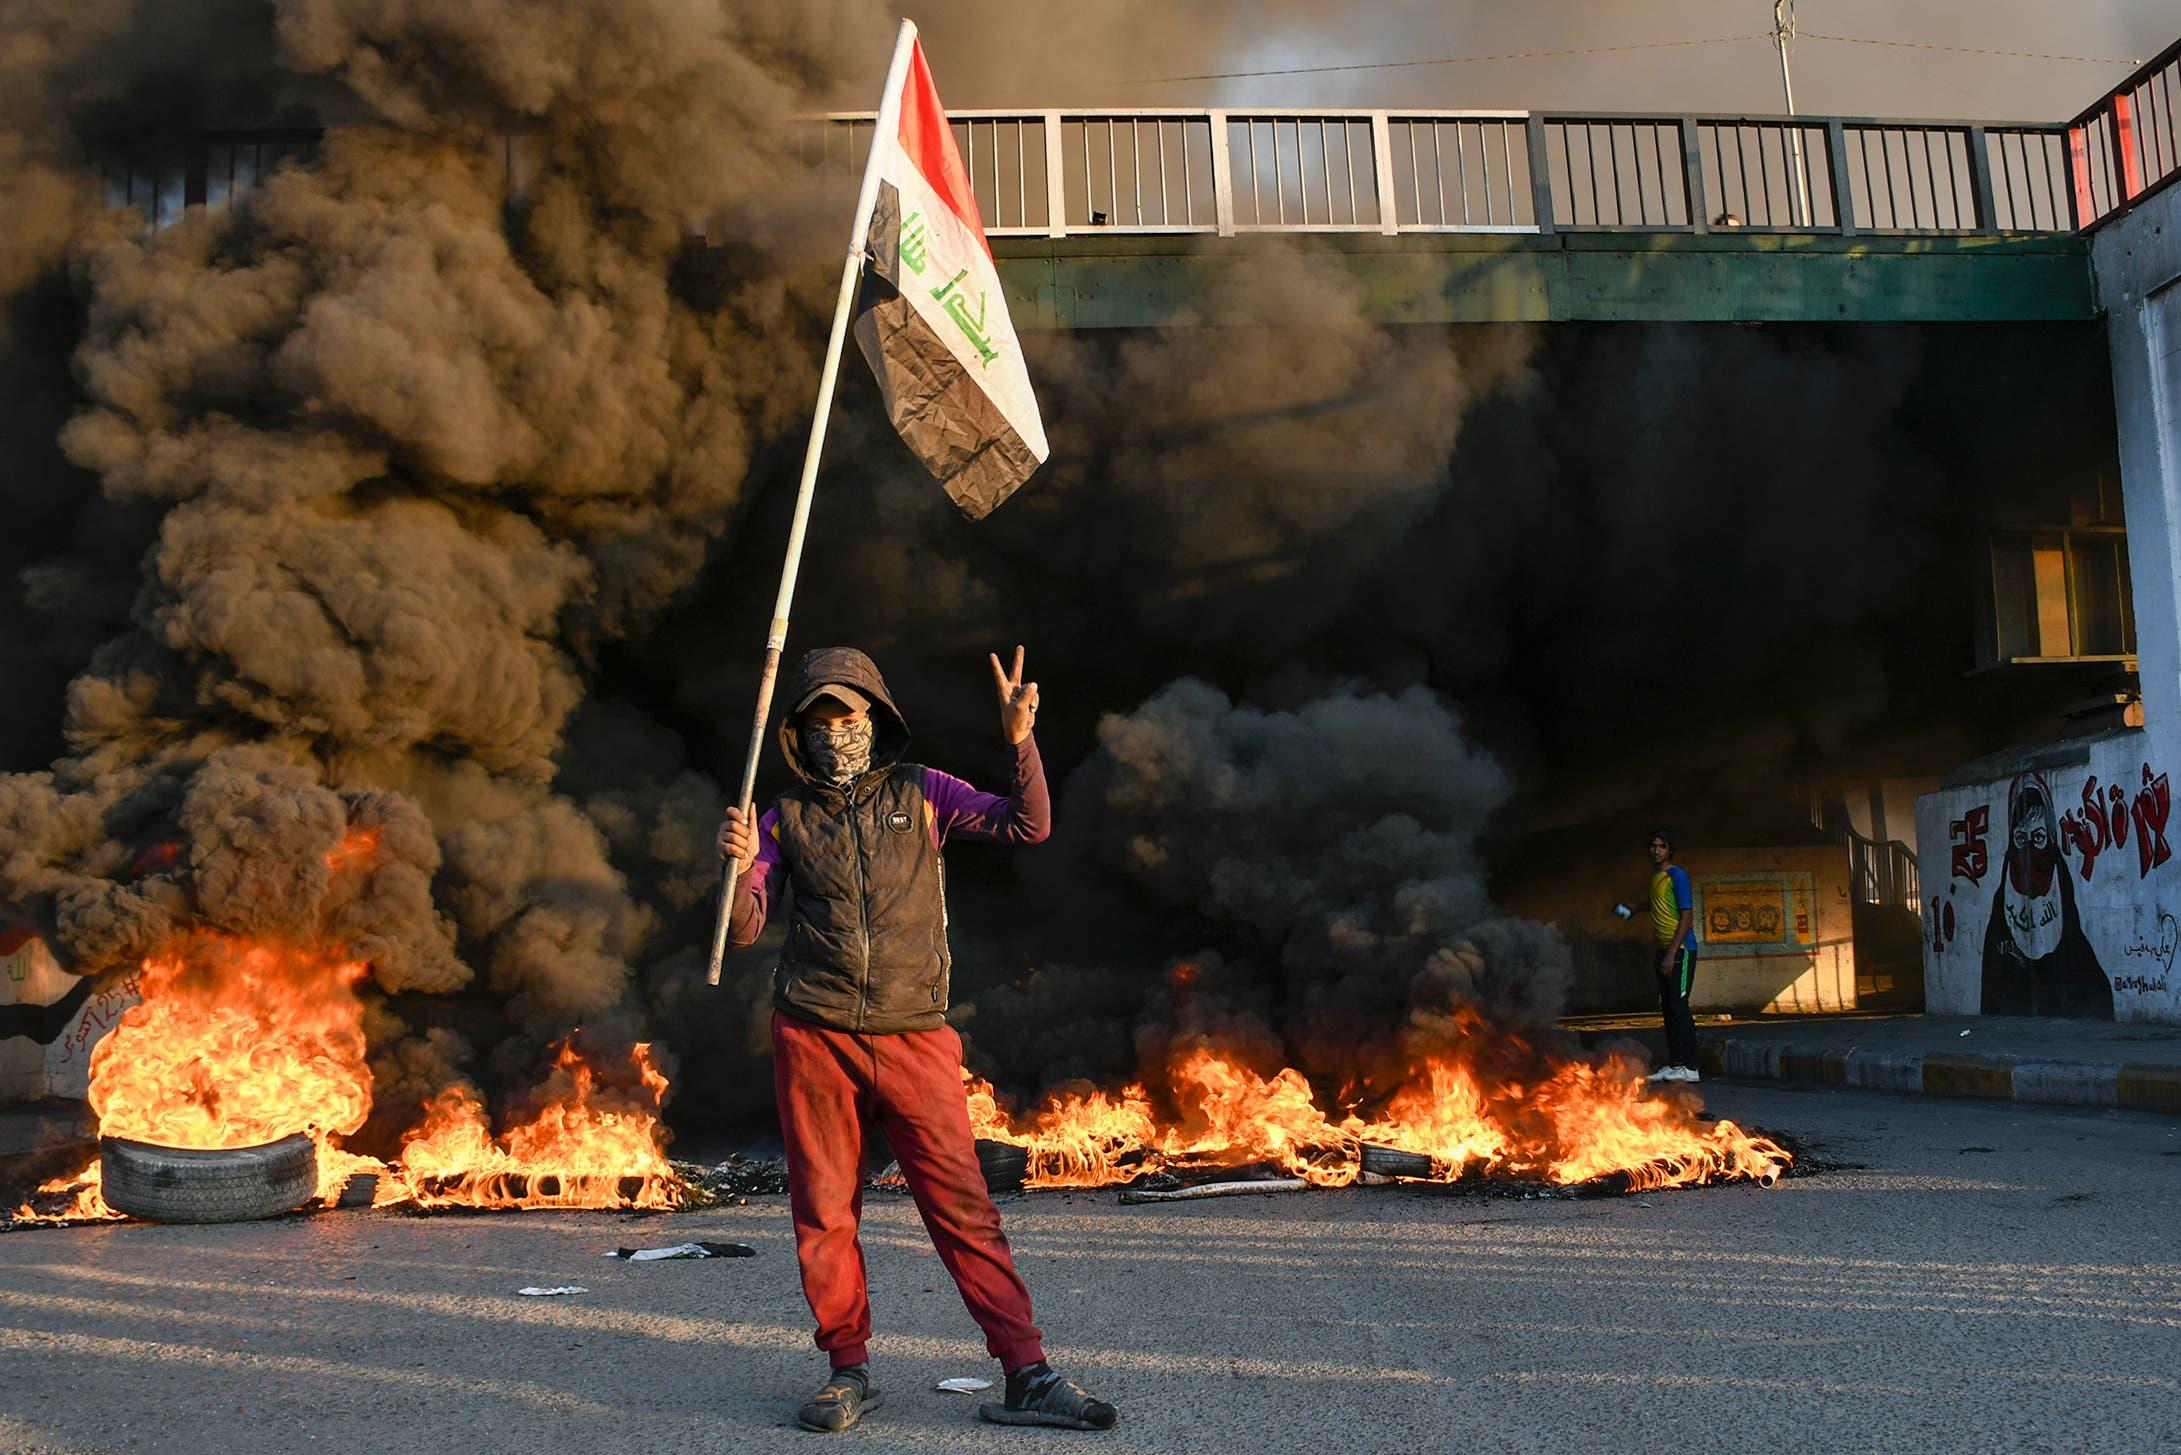 من الناصرية جنوب العراق (19 يناير 2020- فرانس برس)